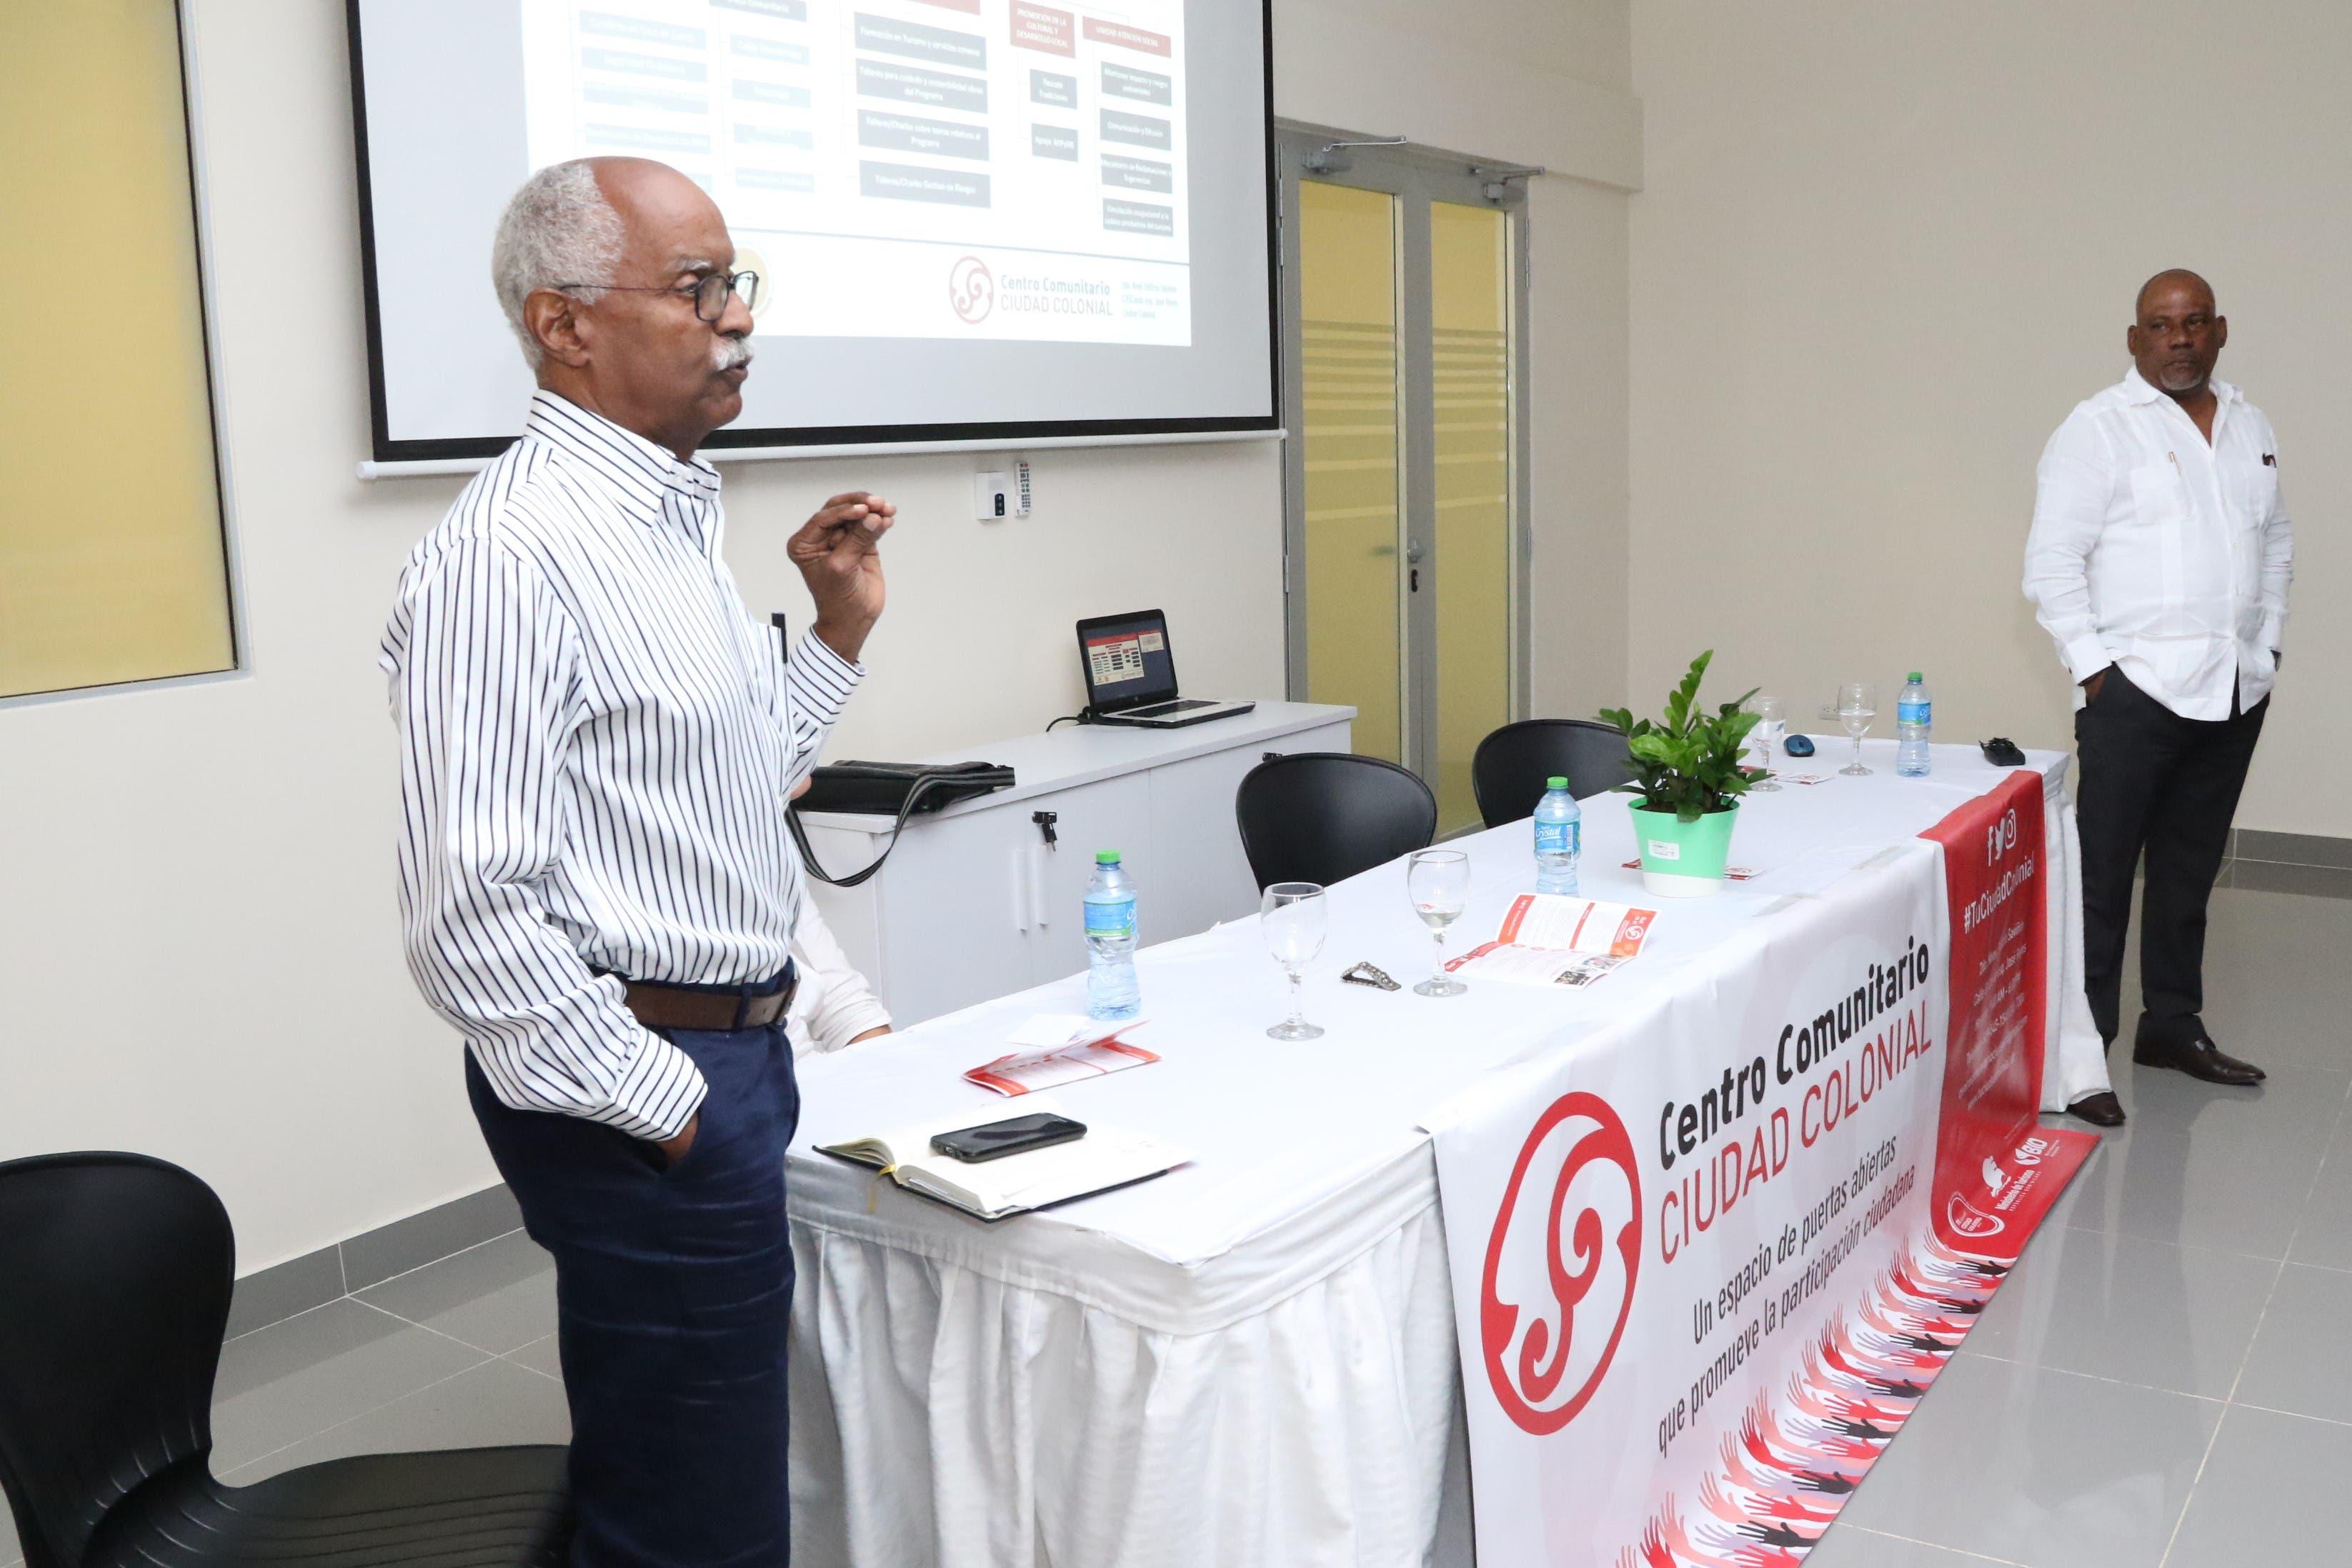 El sociólogo César Pérez y el pedagogo Carlos Arias presentan el Centro Comunitario de Ciudad Colonial.